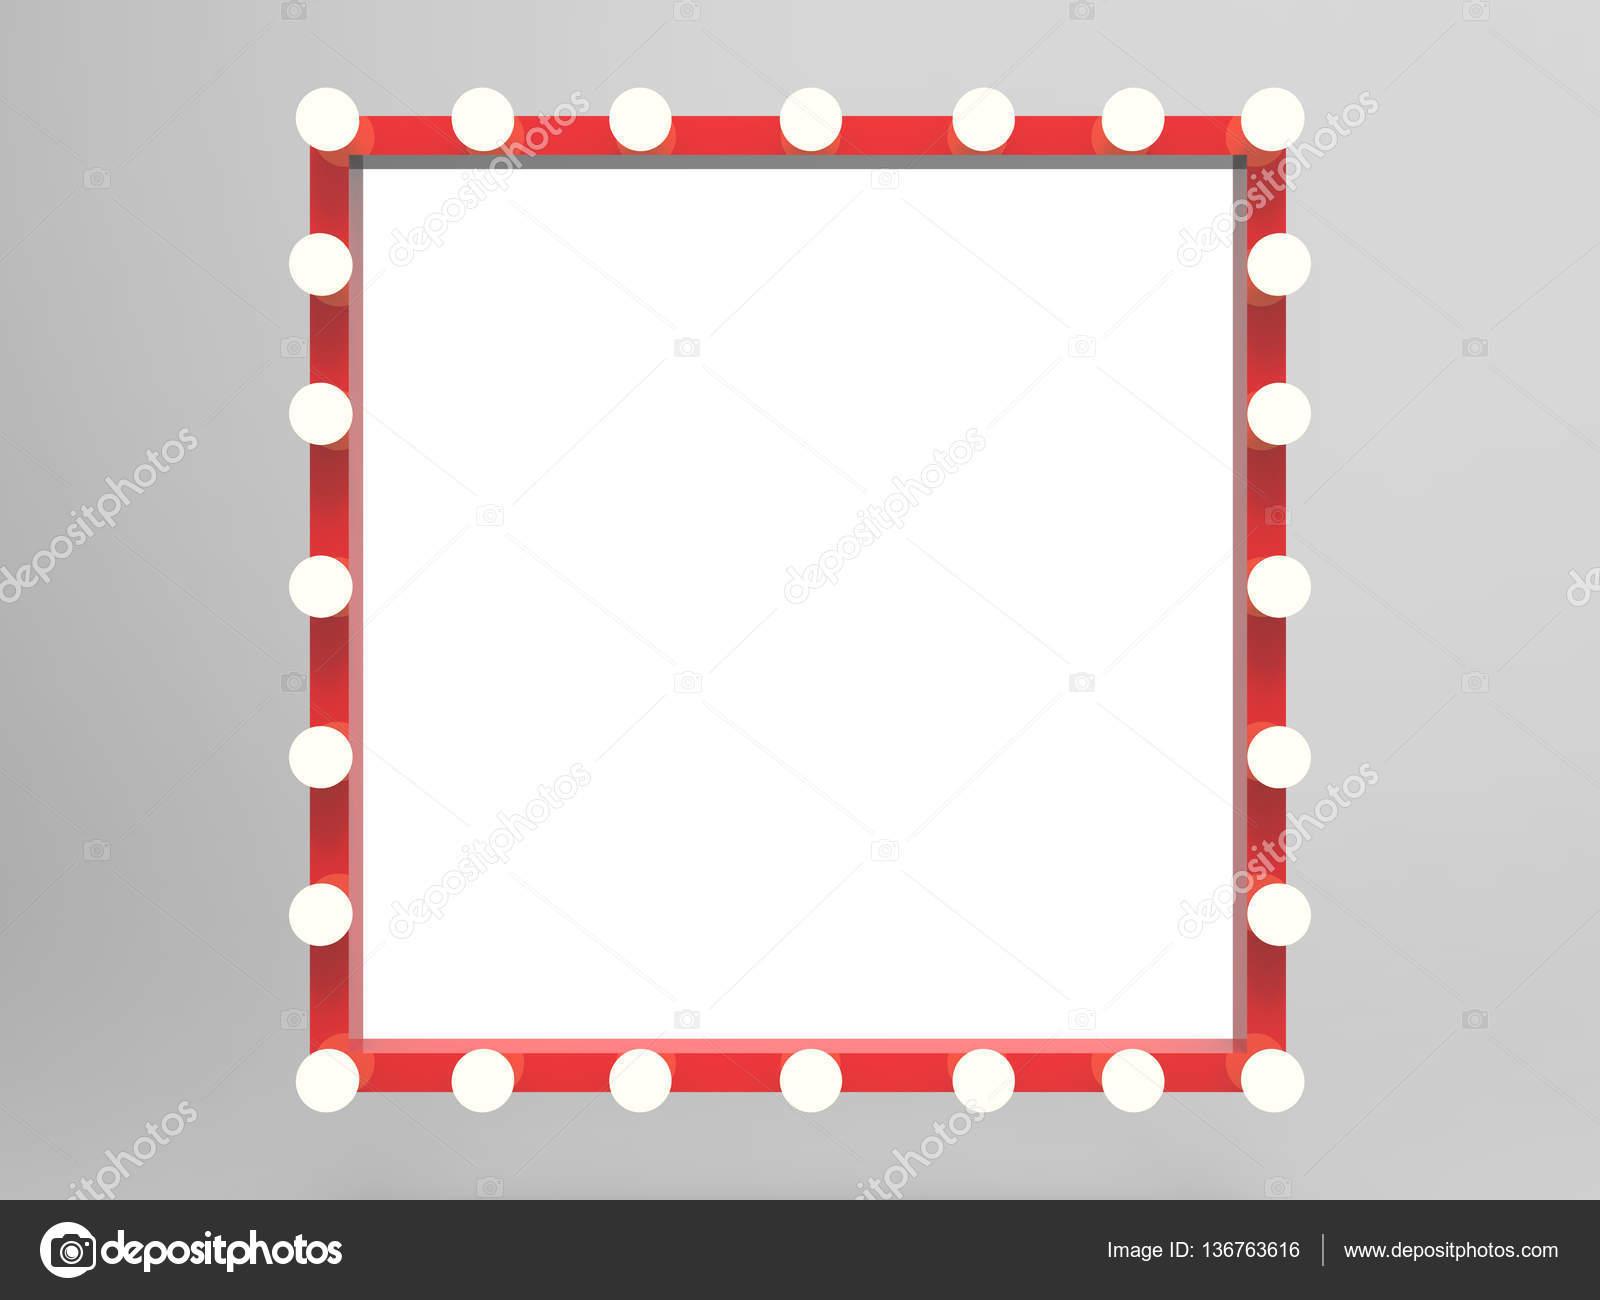 roter Rahmen mit Glühbirnen surround — Stockfoto © phonlamai #136763616